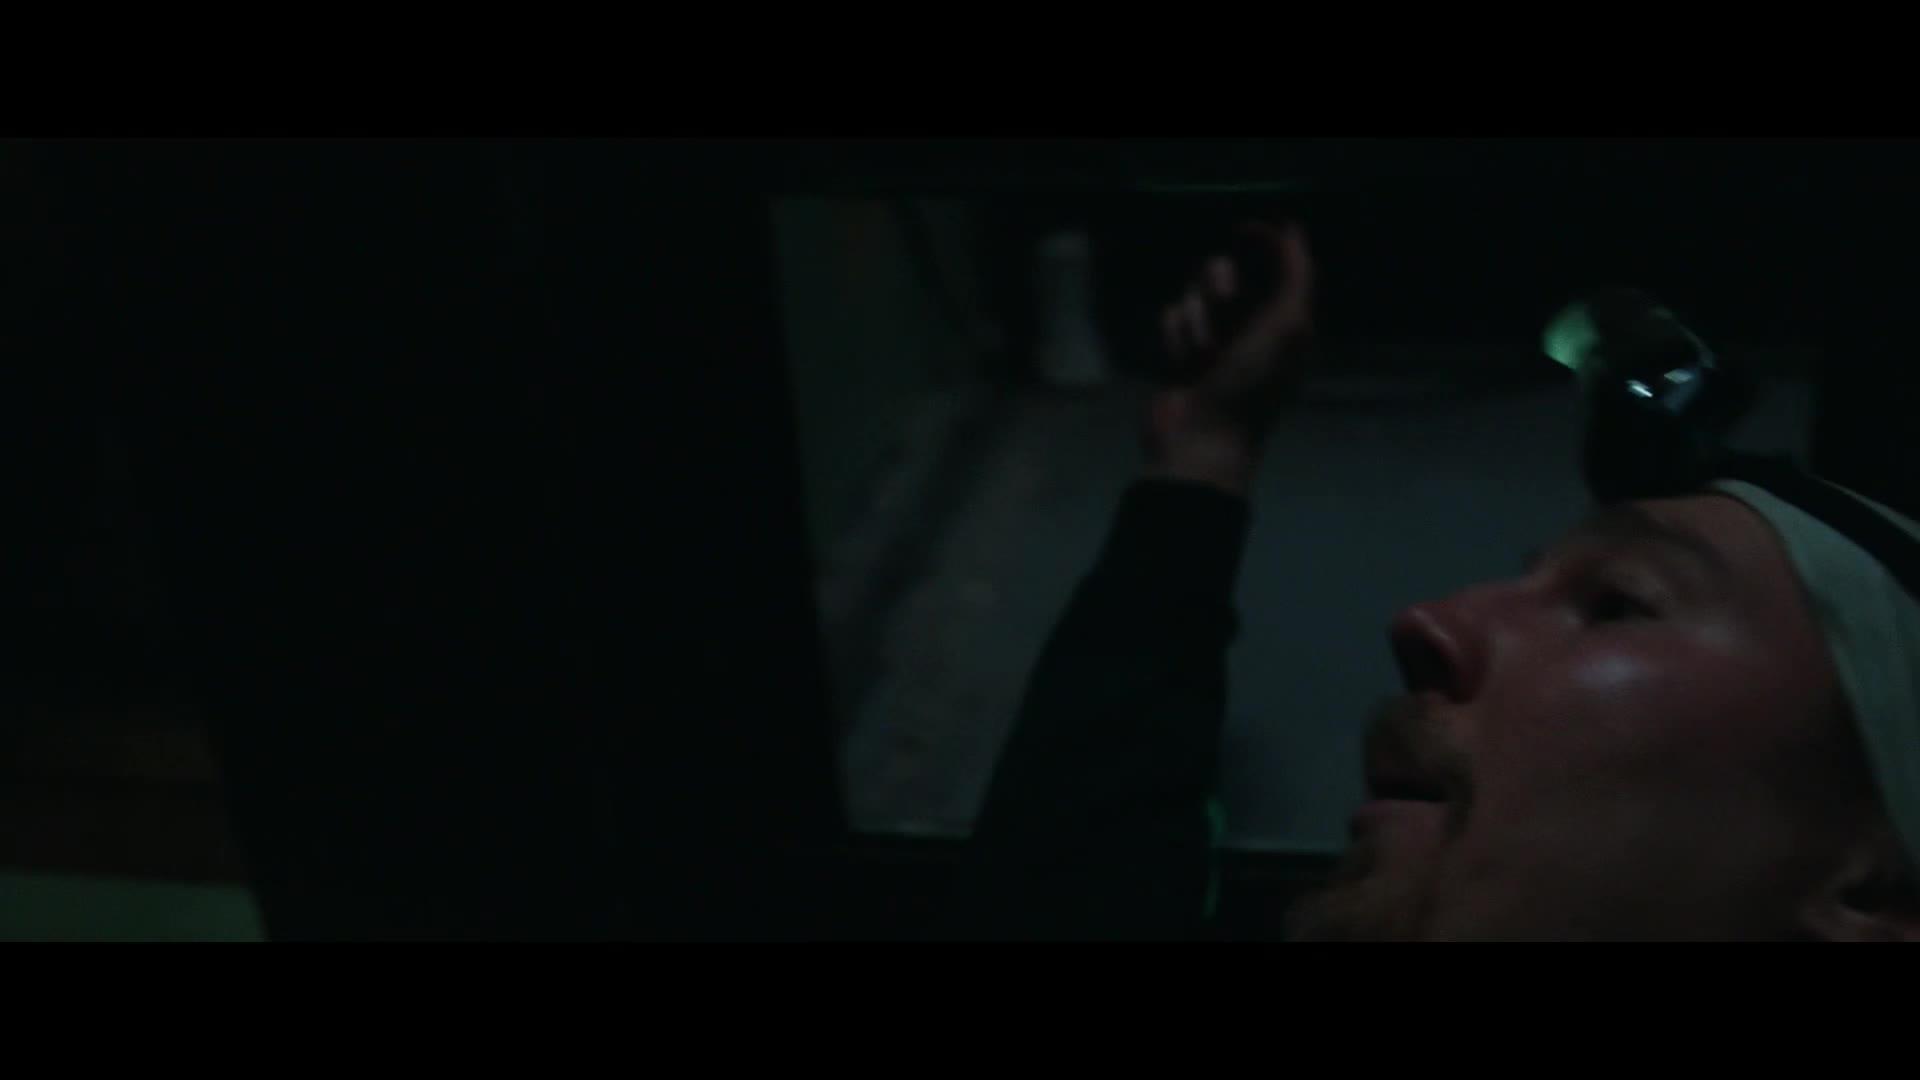 Utek z vezeni v Dannemore S01E05 CZ dabing 1080p